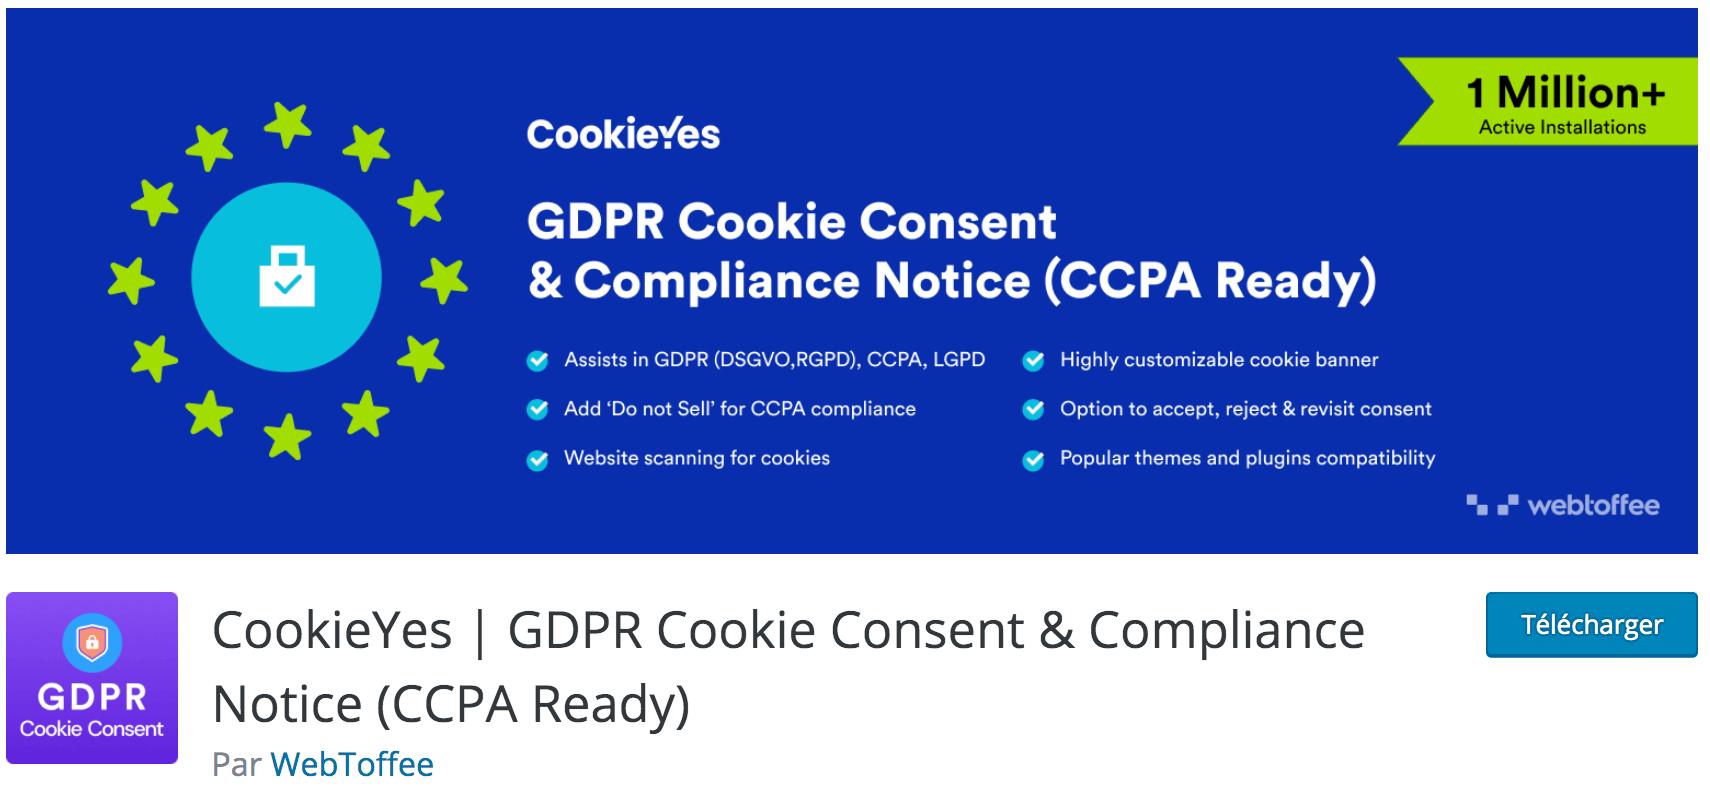 Avis sur CookieYes | GDPR Cookie Consent & Compliance Notice (CCPA Ready) plugin gratuit indispensable pour rendre WordPress compatible RGPD et faire accepter les cookies aux visiteurs